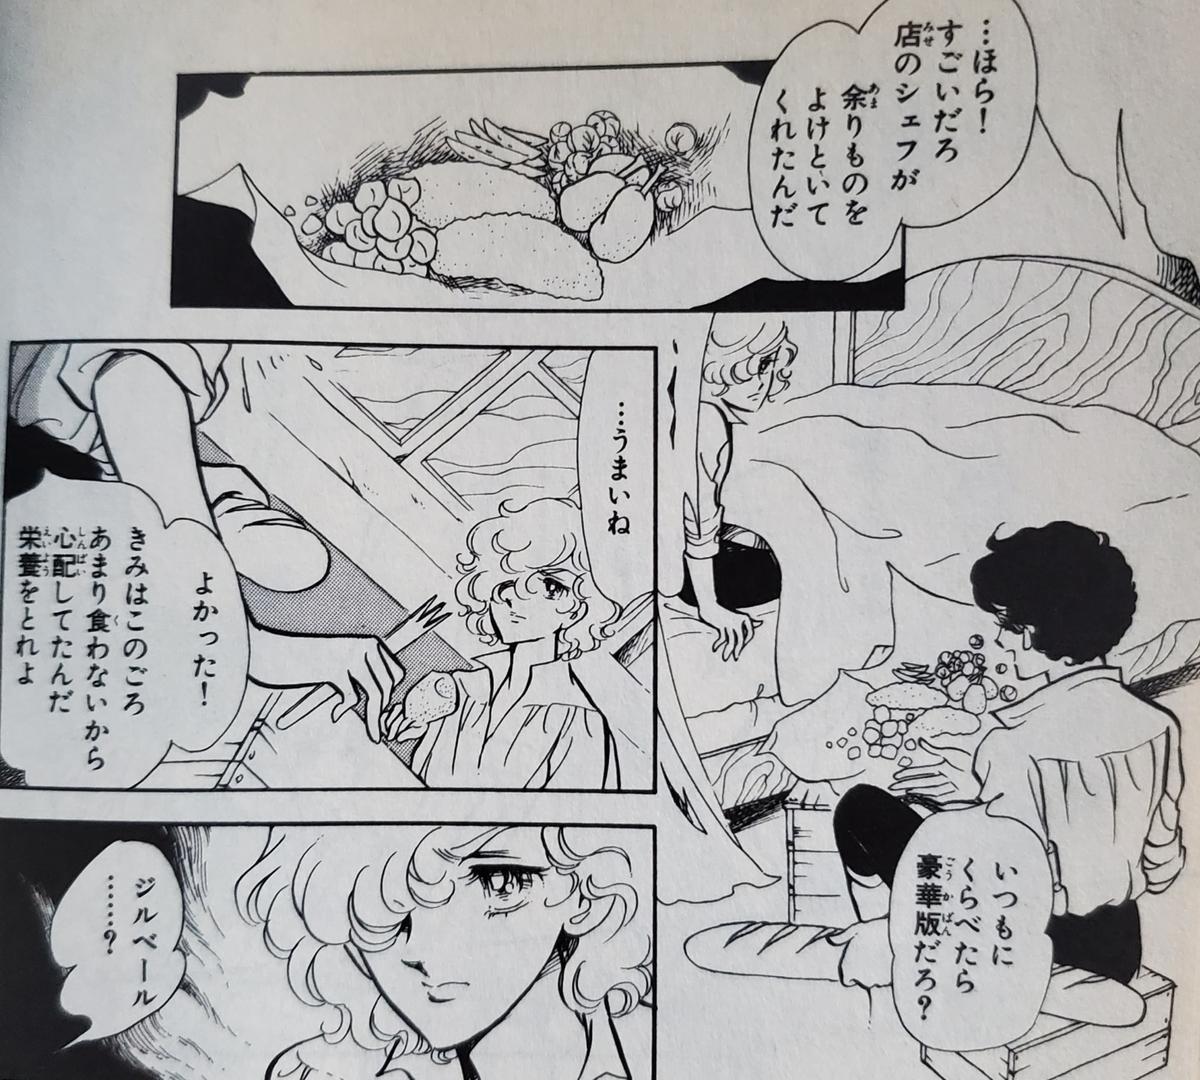 f:id:akirainhope:20200812111240j:plain